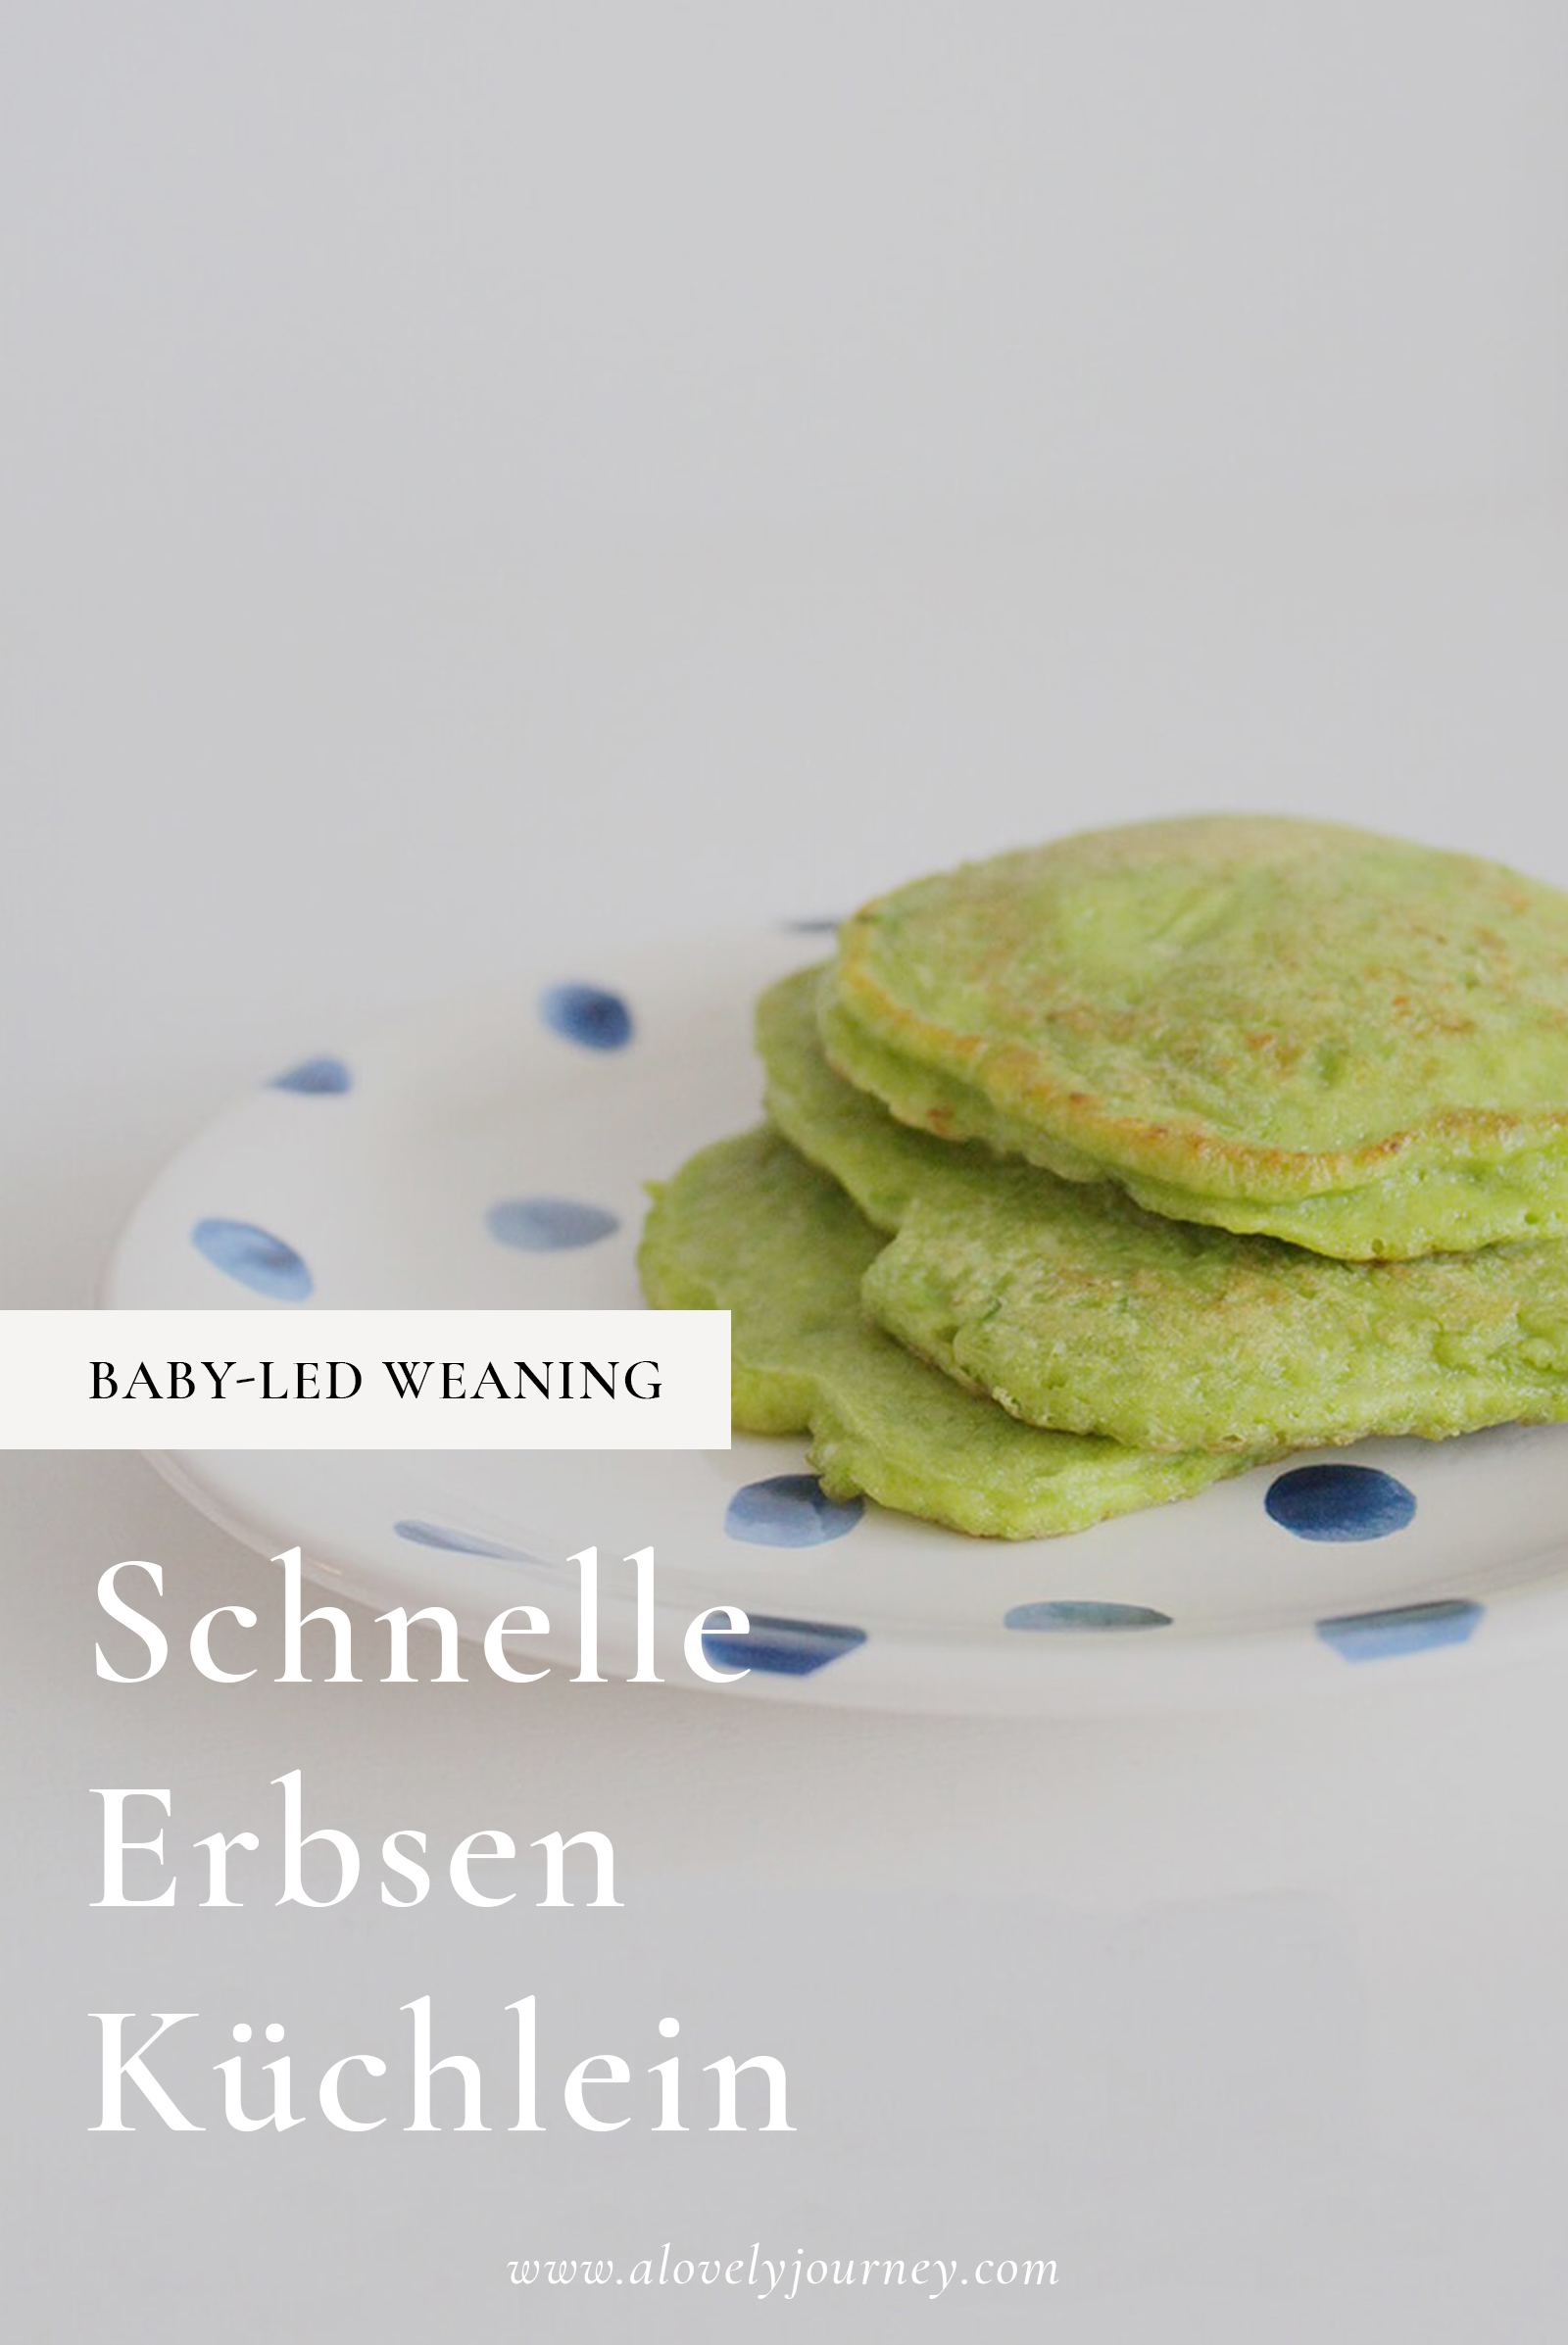 Baby-Led Weaning: Erbsen Pfannkuchen für Kinder